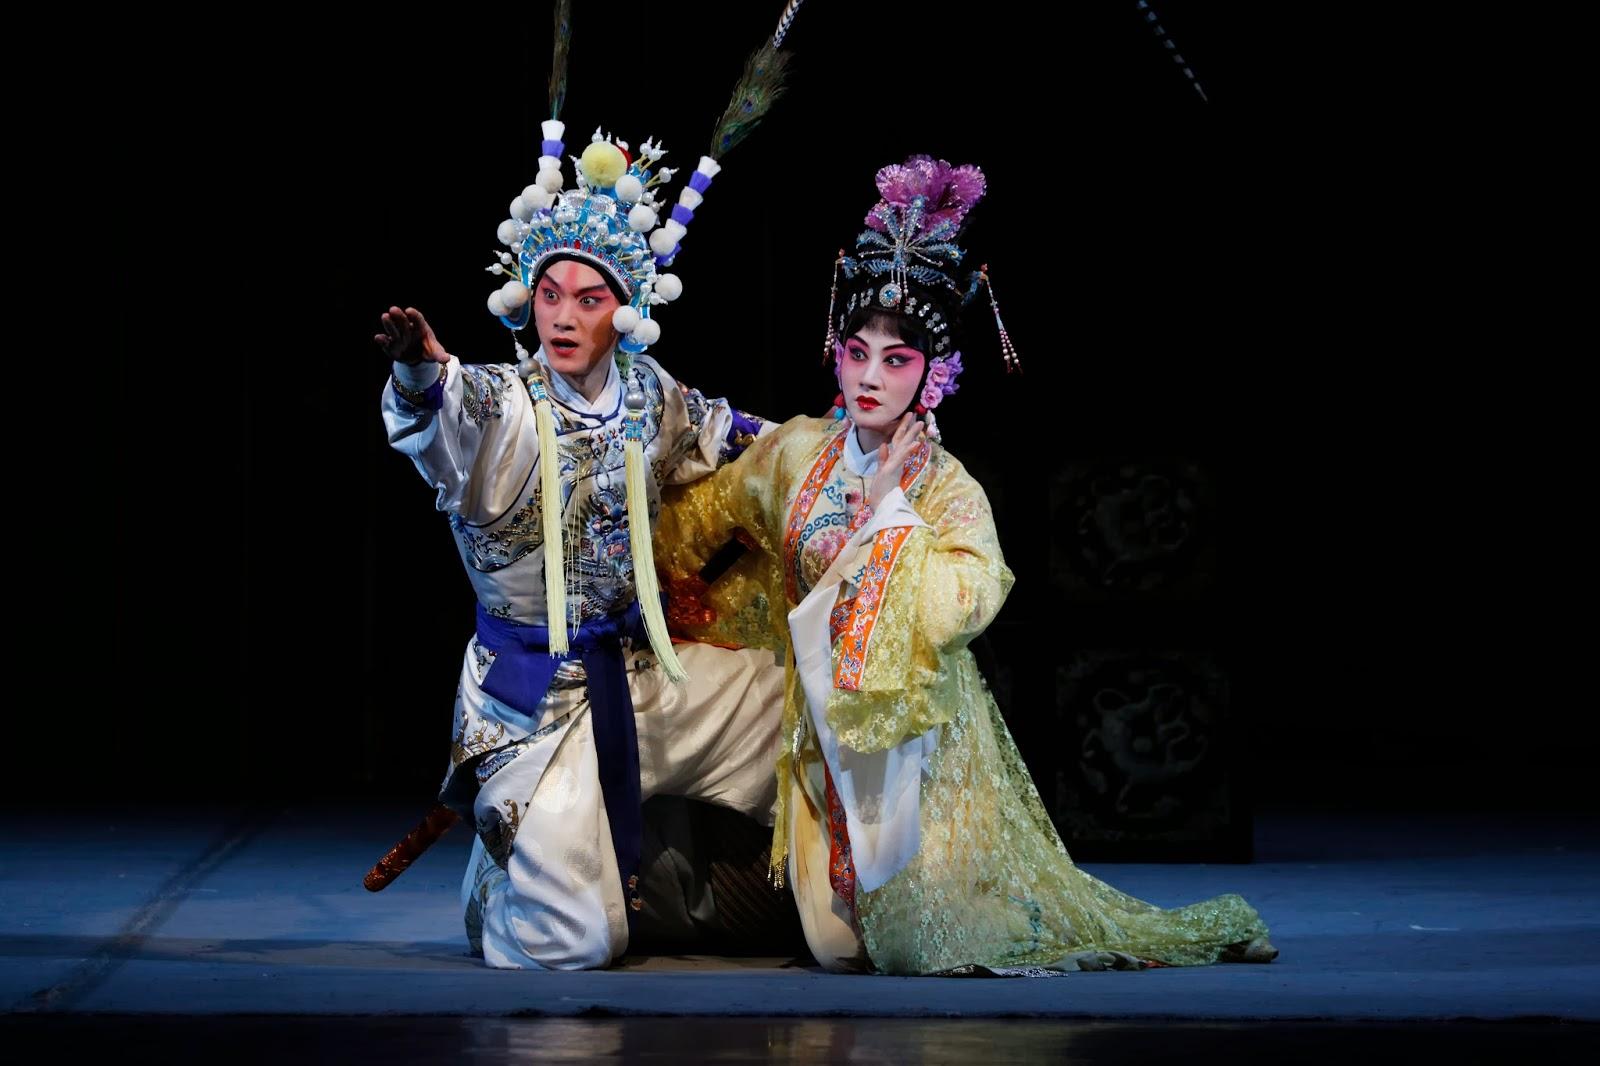 Danse, Opéra, Théâtre, Musique, Folklore et Traditions artistiques chinoises